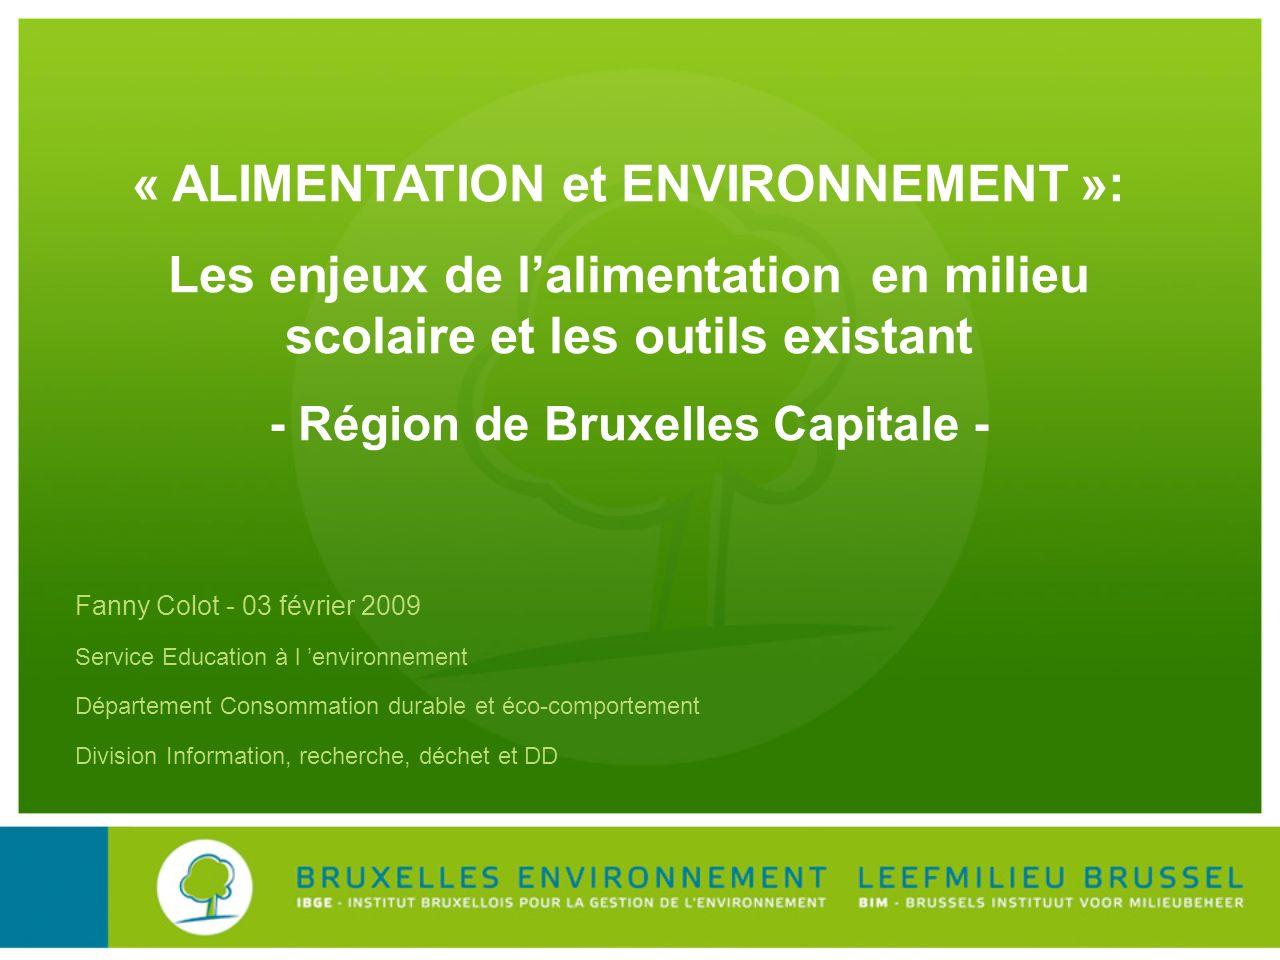 Fanny Colot - 03 février 2009 Service Education à l environnement Département Consommation durable et éco-comportement Division Information, recherche